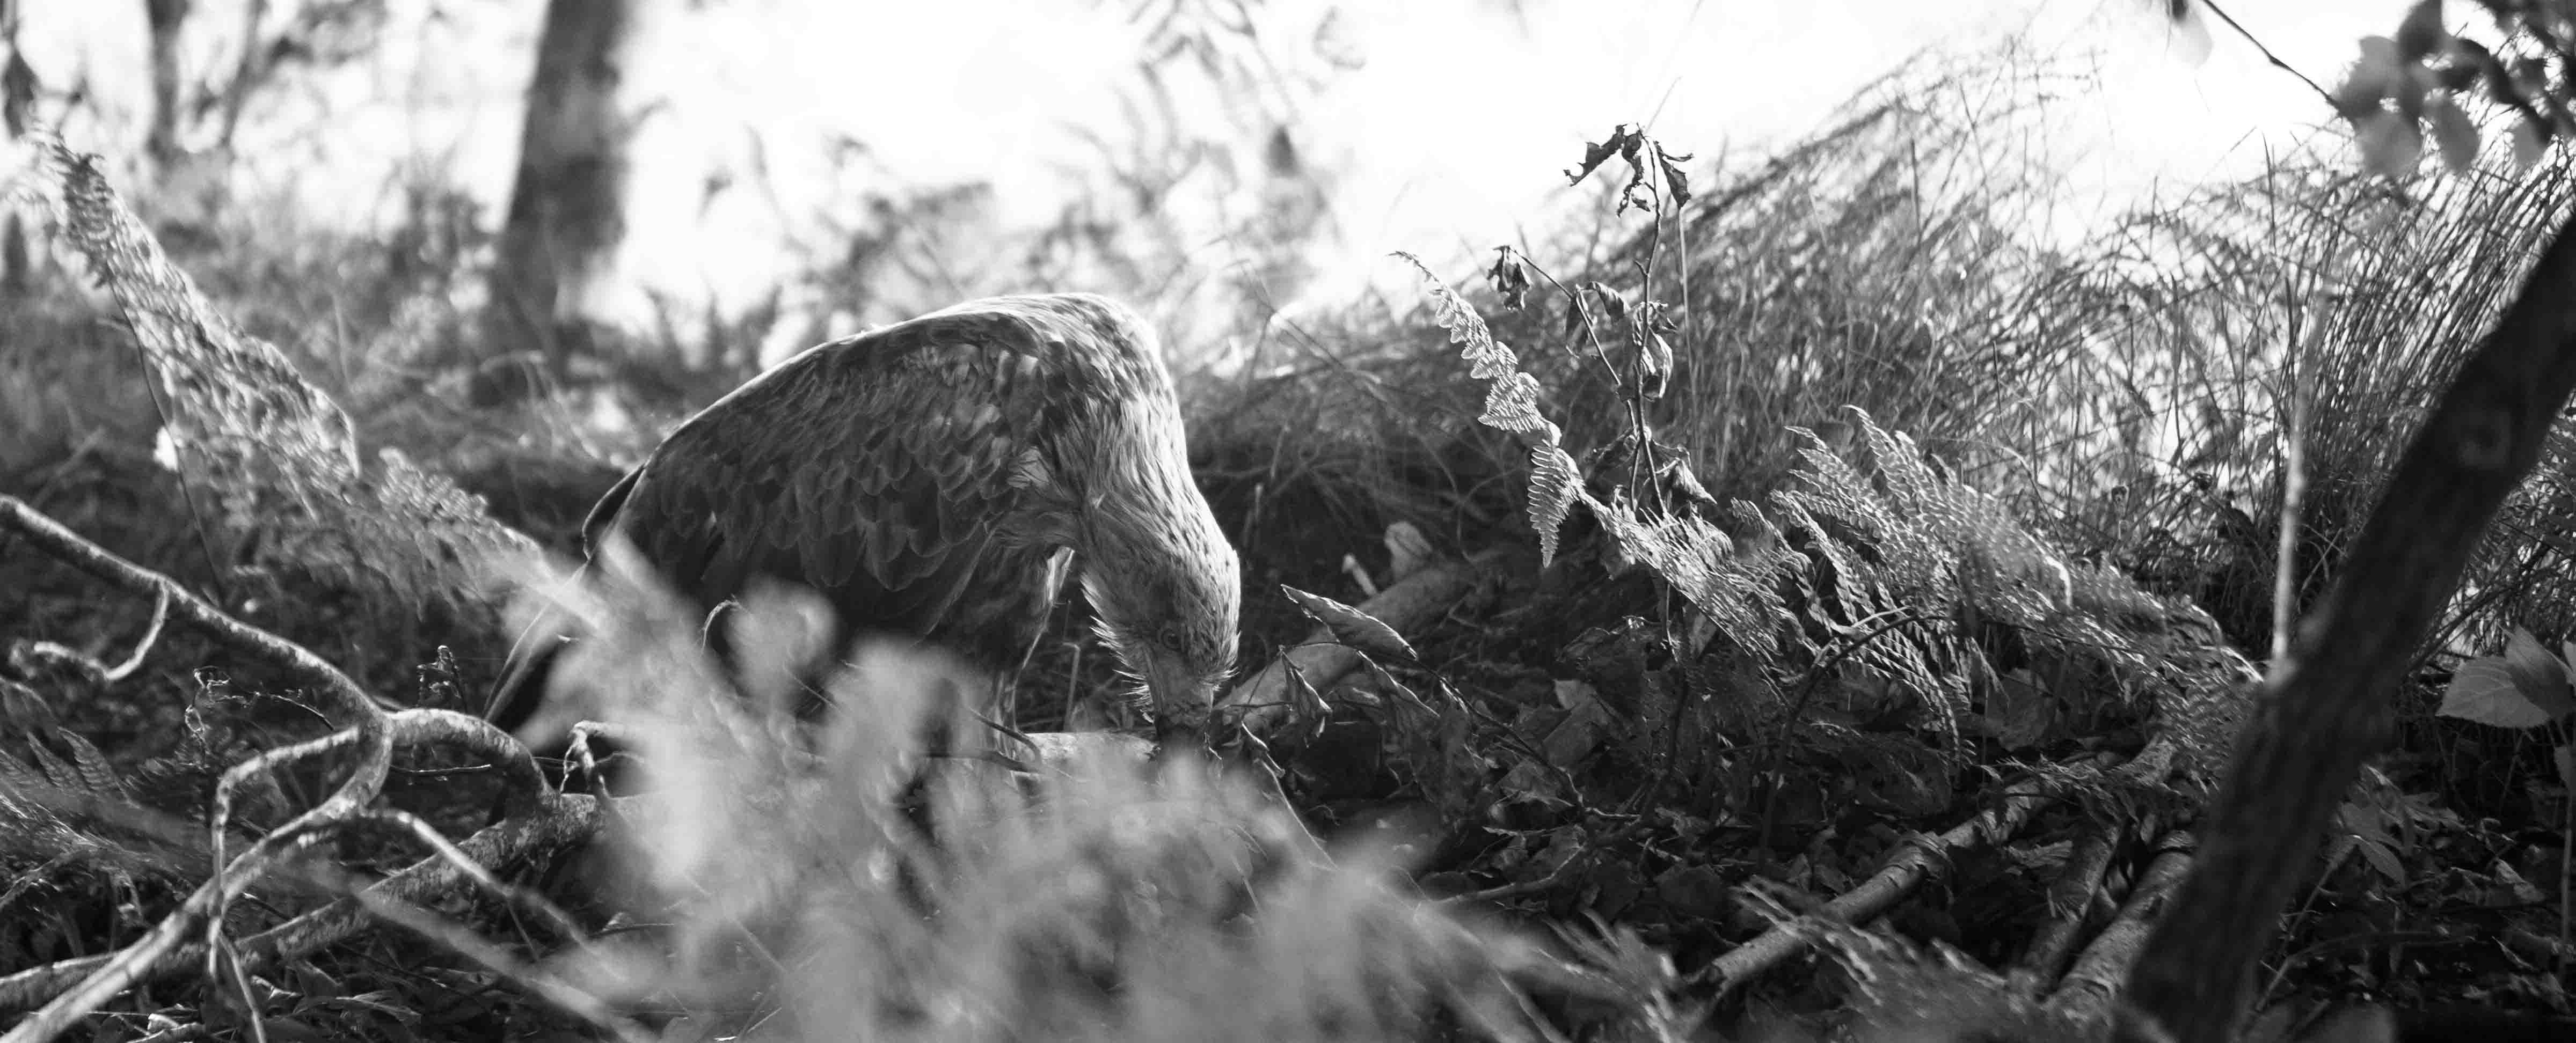 Verletzter Seeadler wog nur noch 2,5 Kilogramm. Großharrieer Jäger konnten Pfingsten einen verletzten Seeadler bergen.